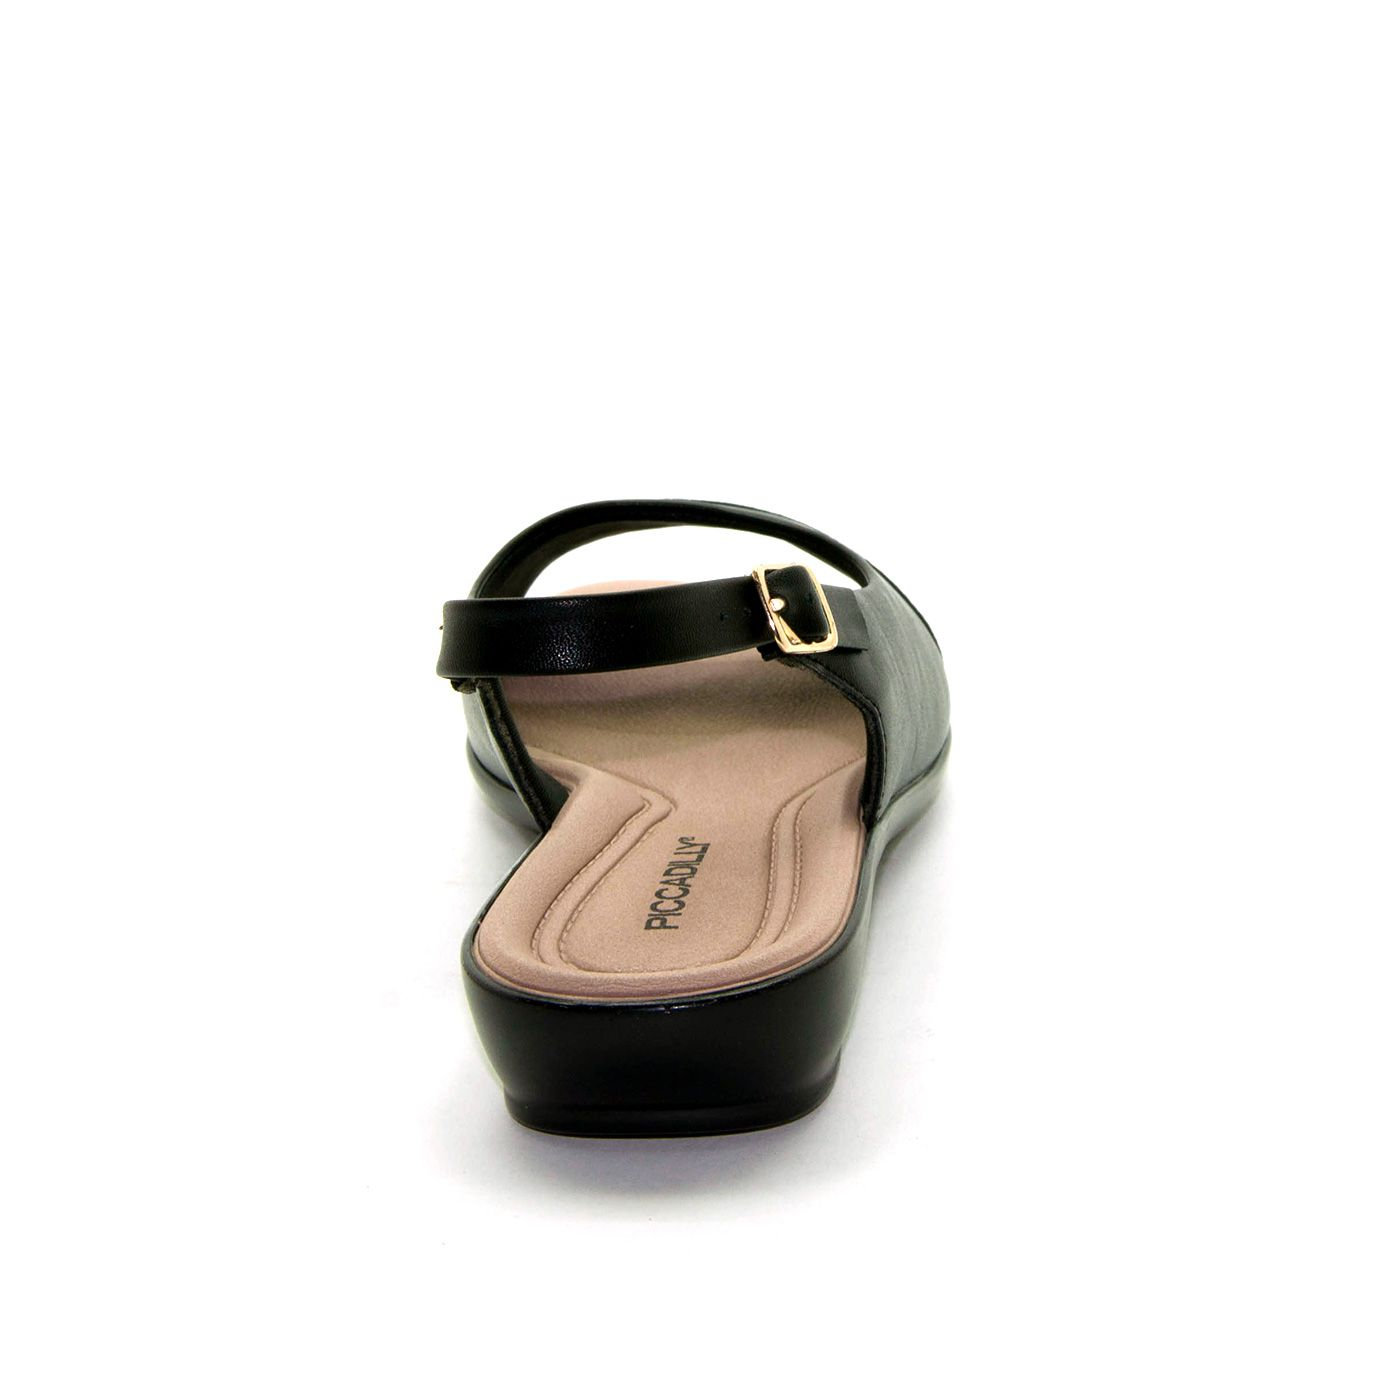 SANDALIA PICCADILLY LISA - 500205